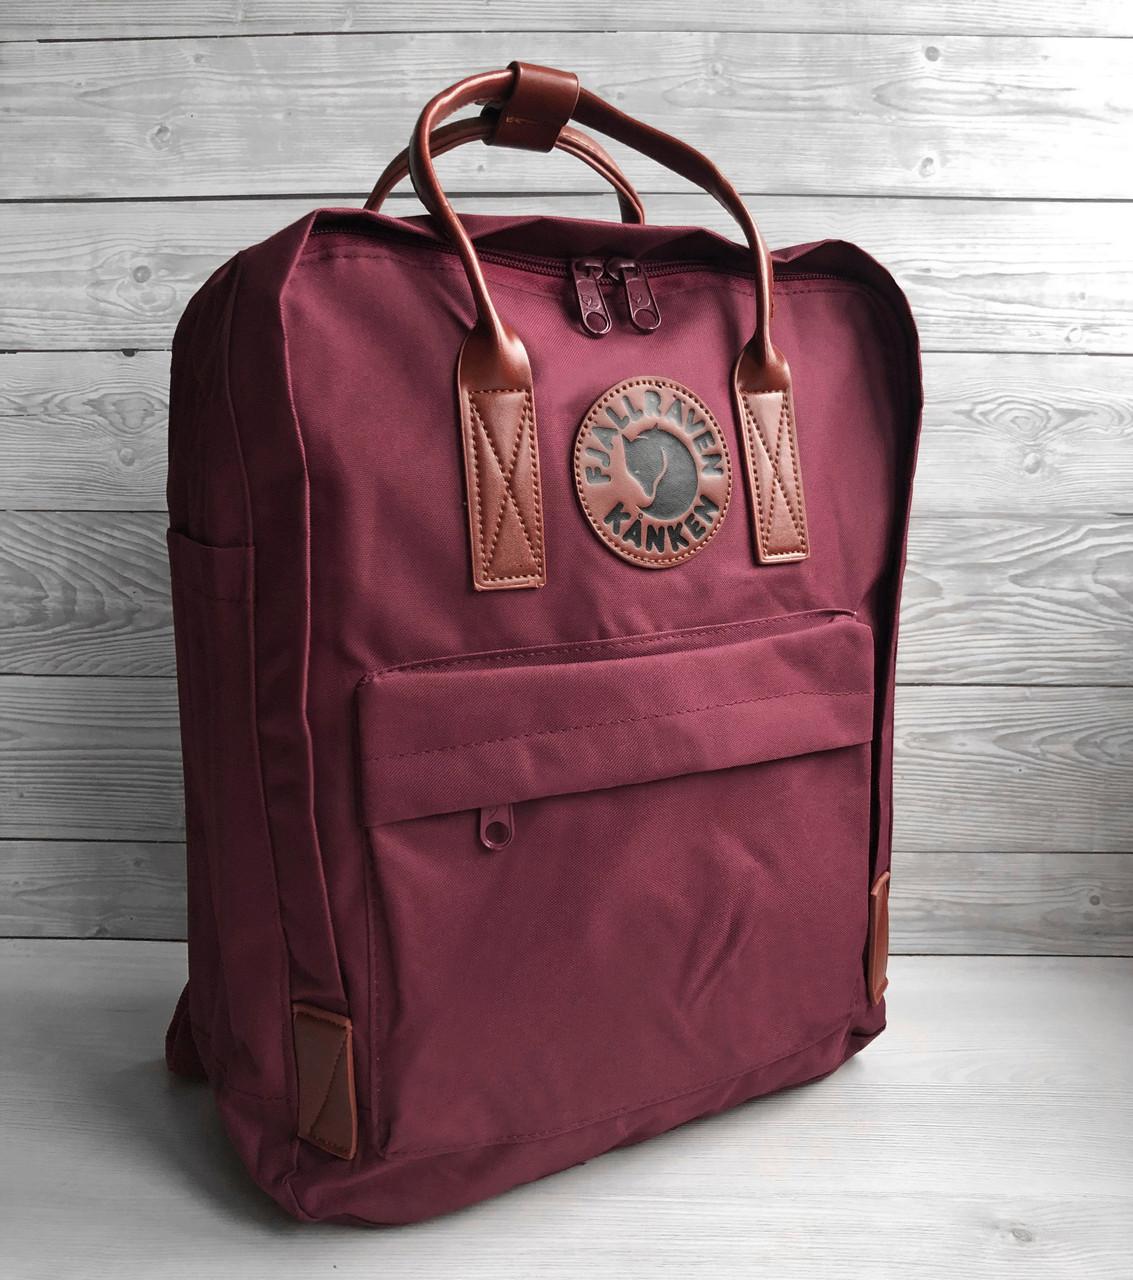 Рюкзак сумка канкен бордовый Fjallraven Kanken No.2 с коричневыми ручками 16 л. женский, для девочки